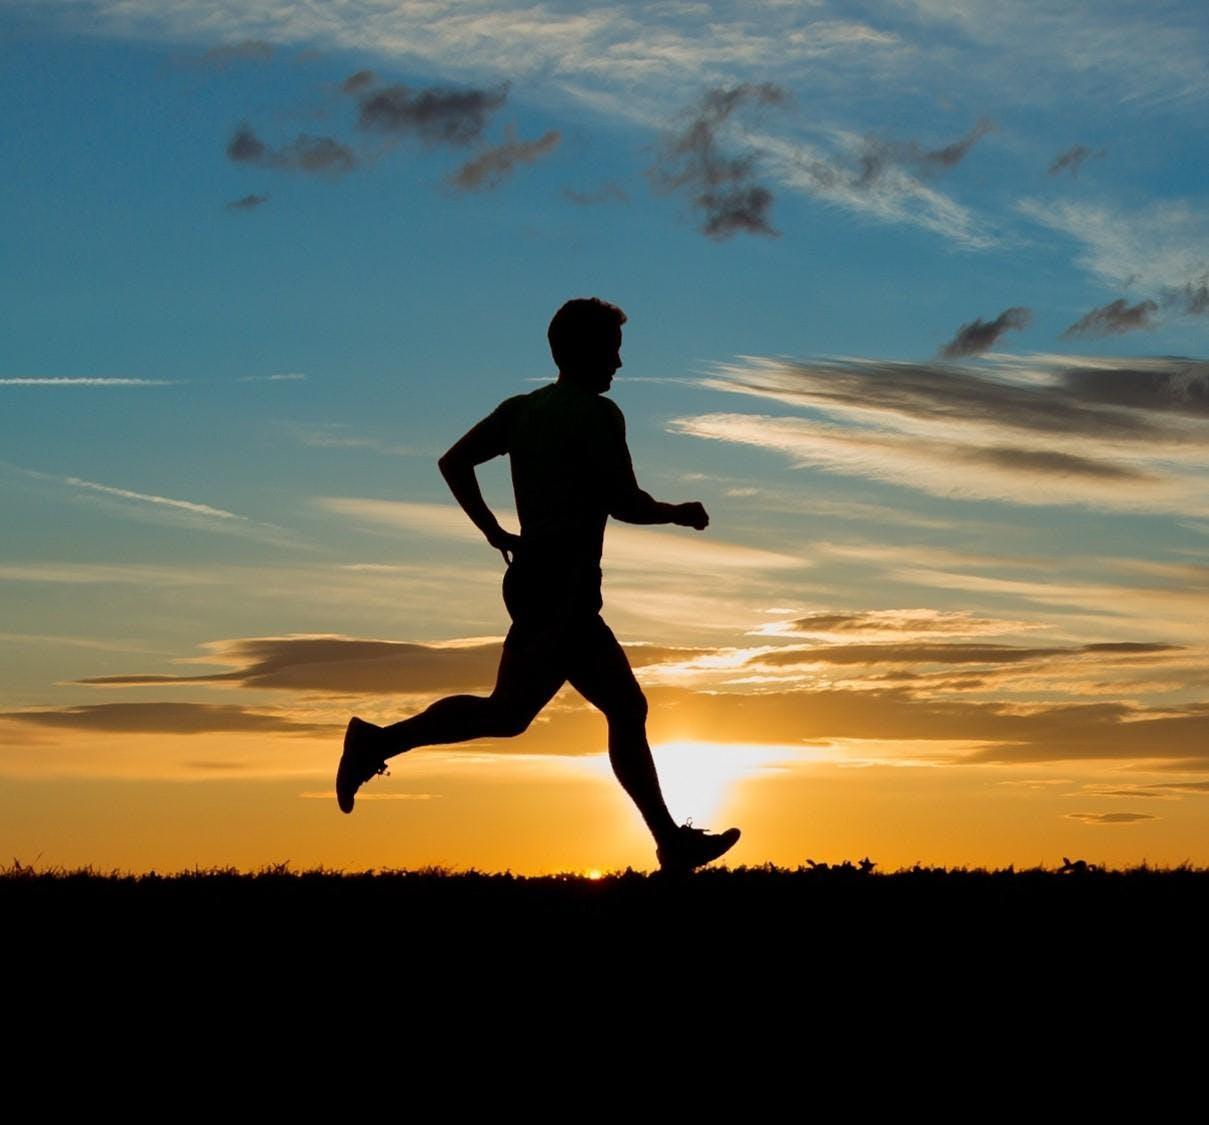 Gelukkig gezond: week van de beweging met voo